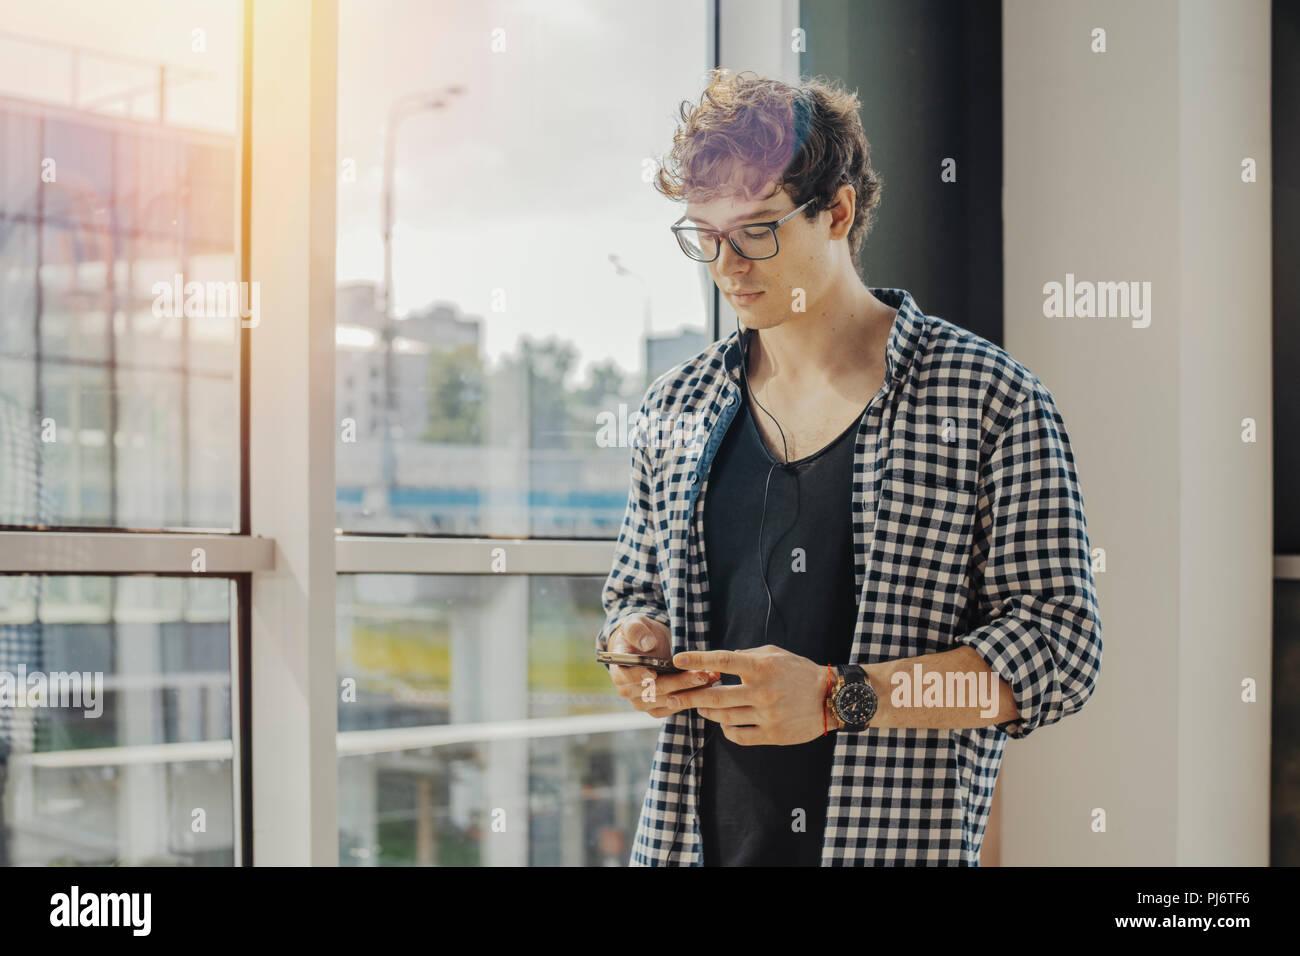 Der junge Mann an Mobiltelefon an der Metrostation. Stockbild